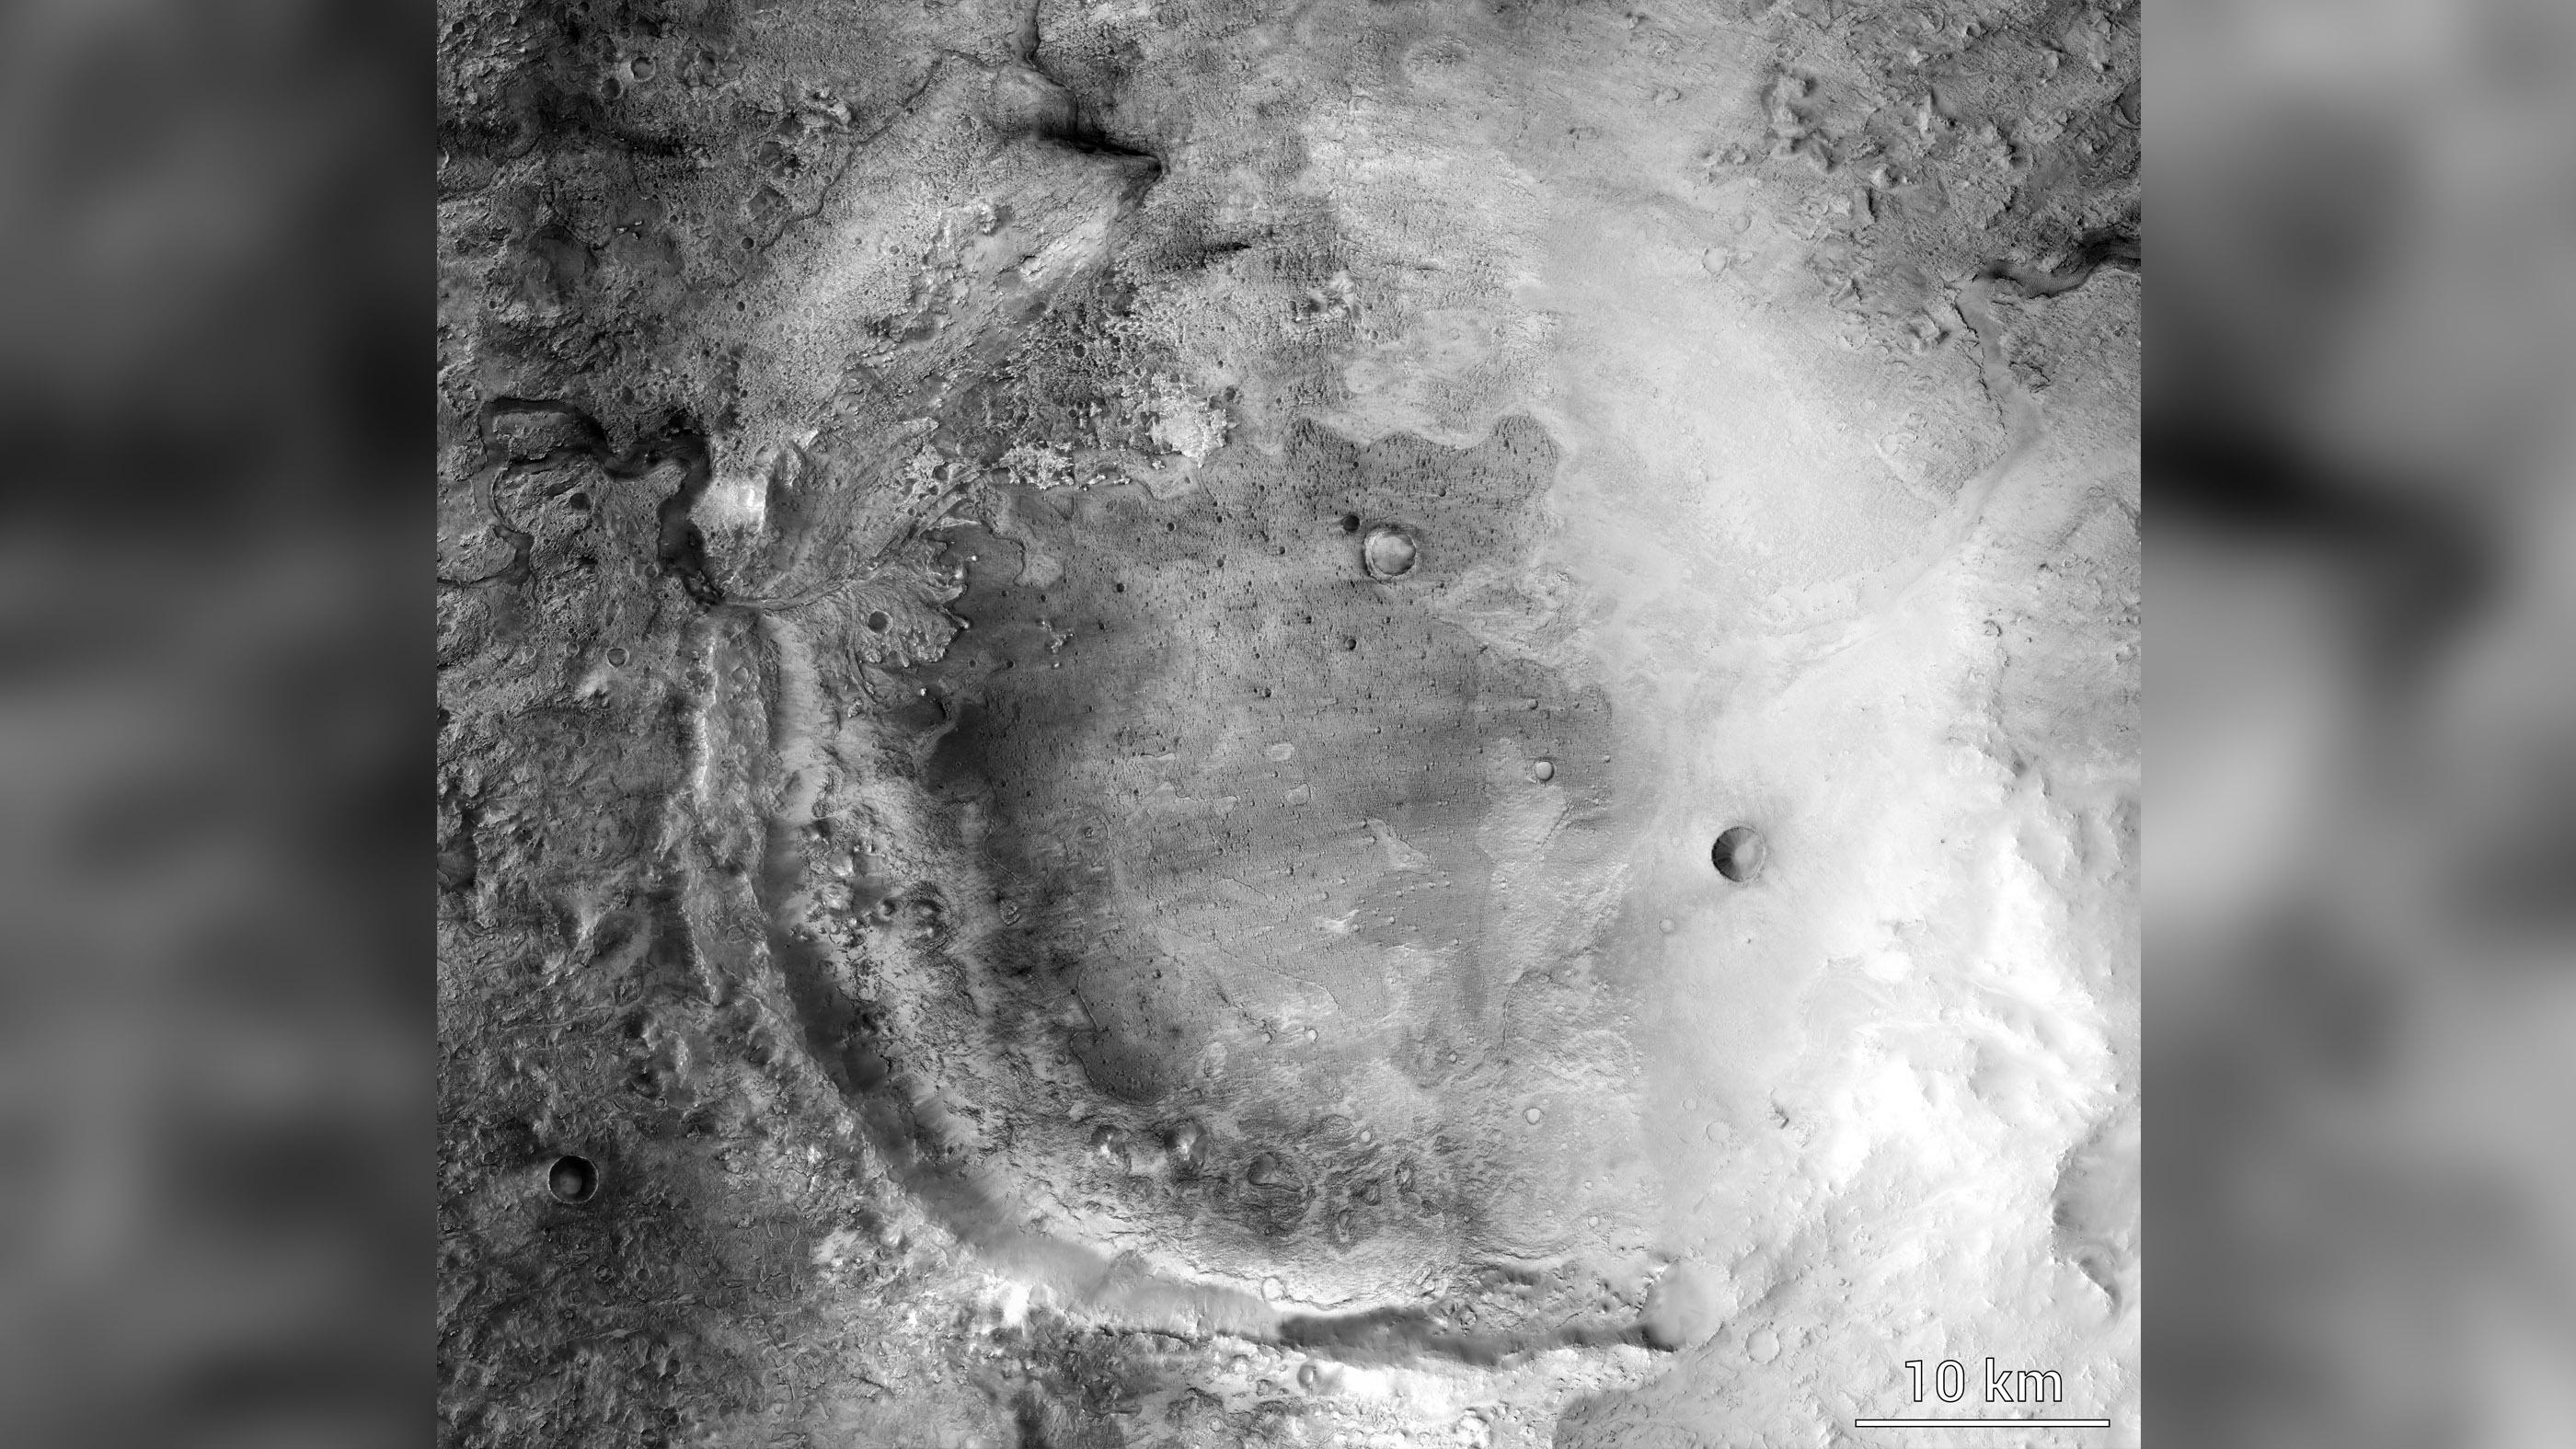 Images du cratère Jezero, où Perseverance touchera Mars.